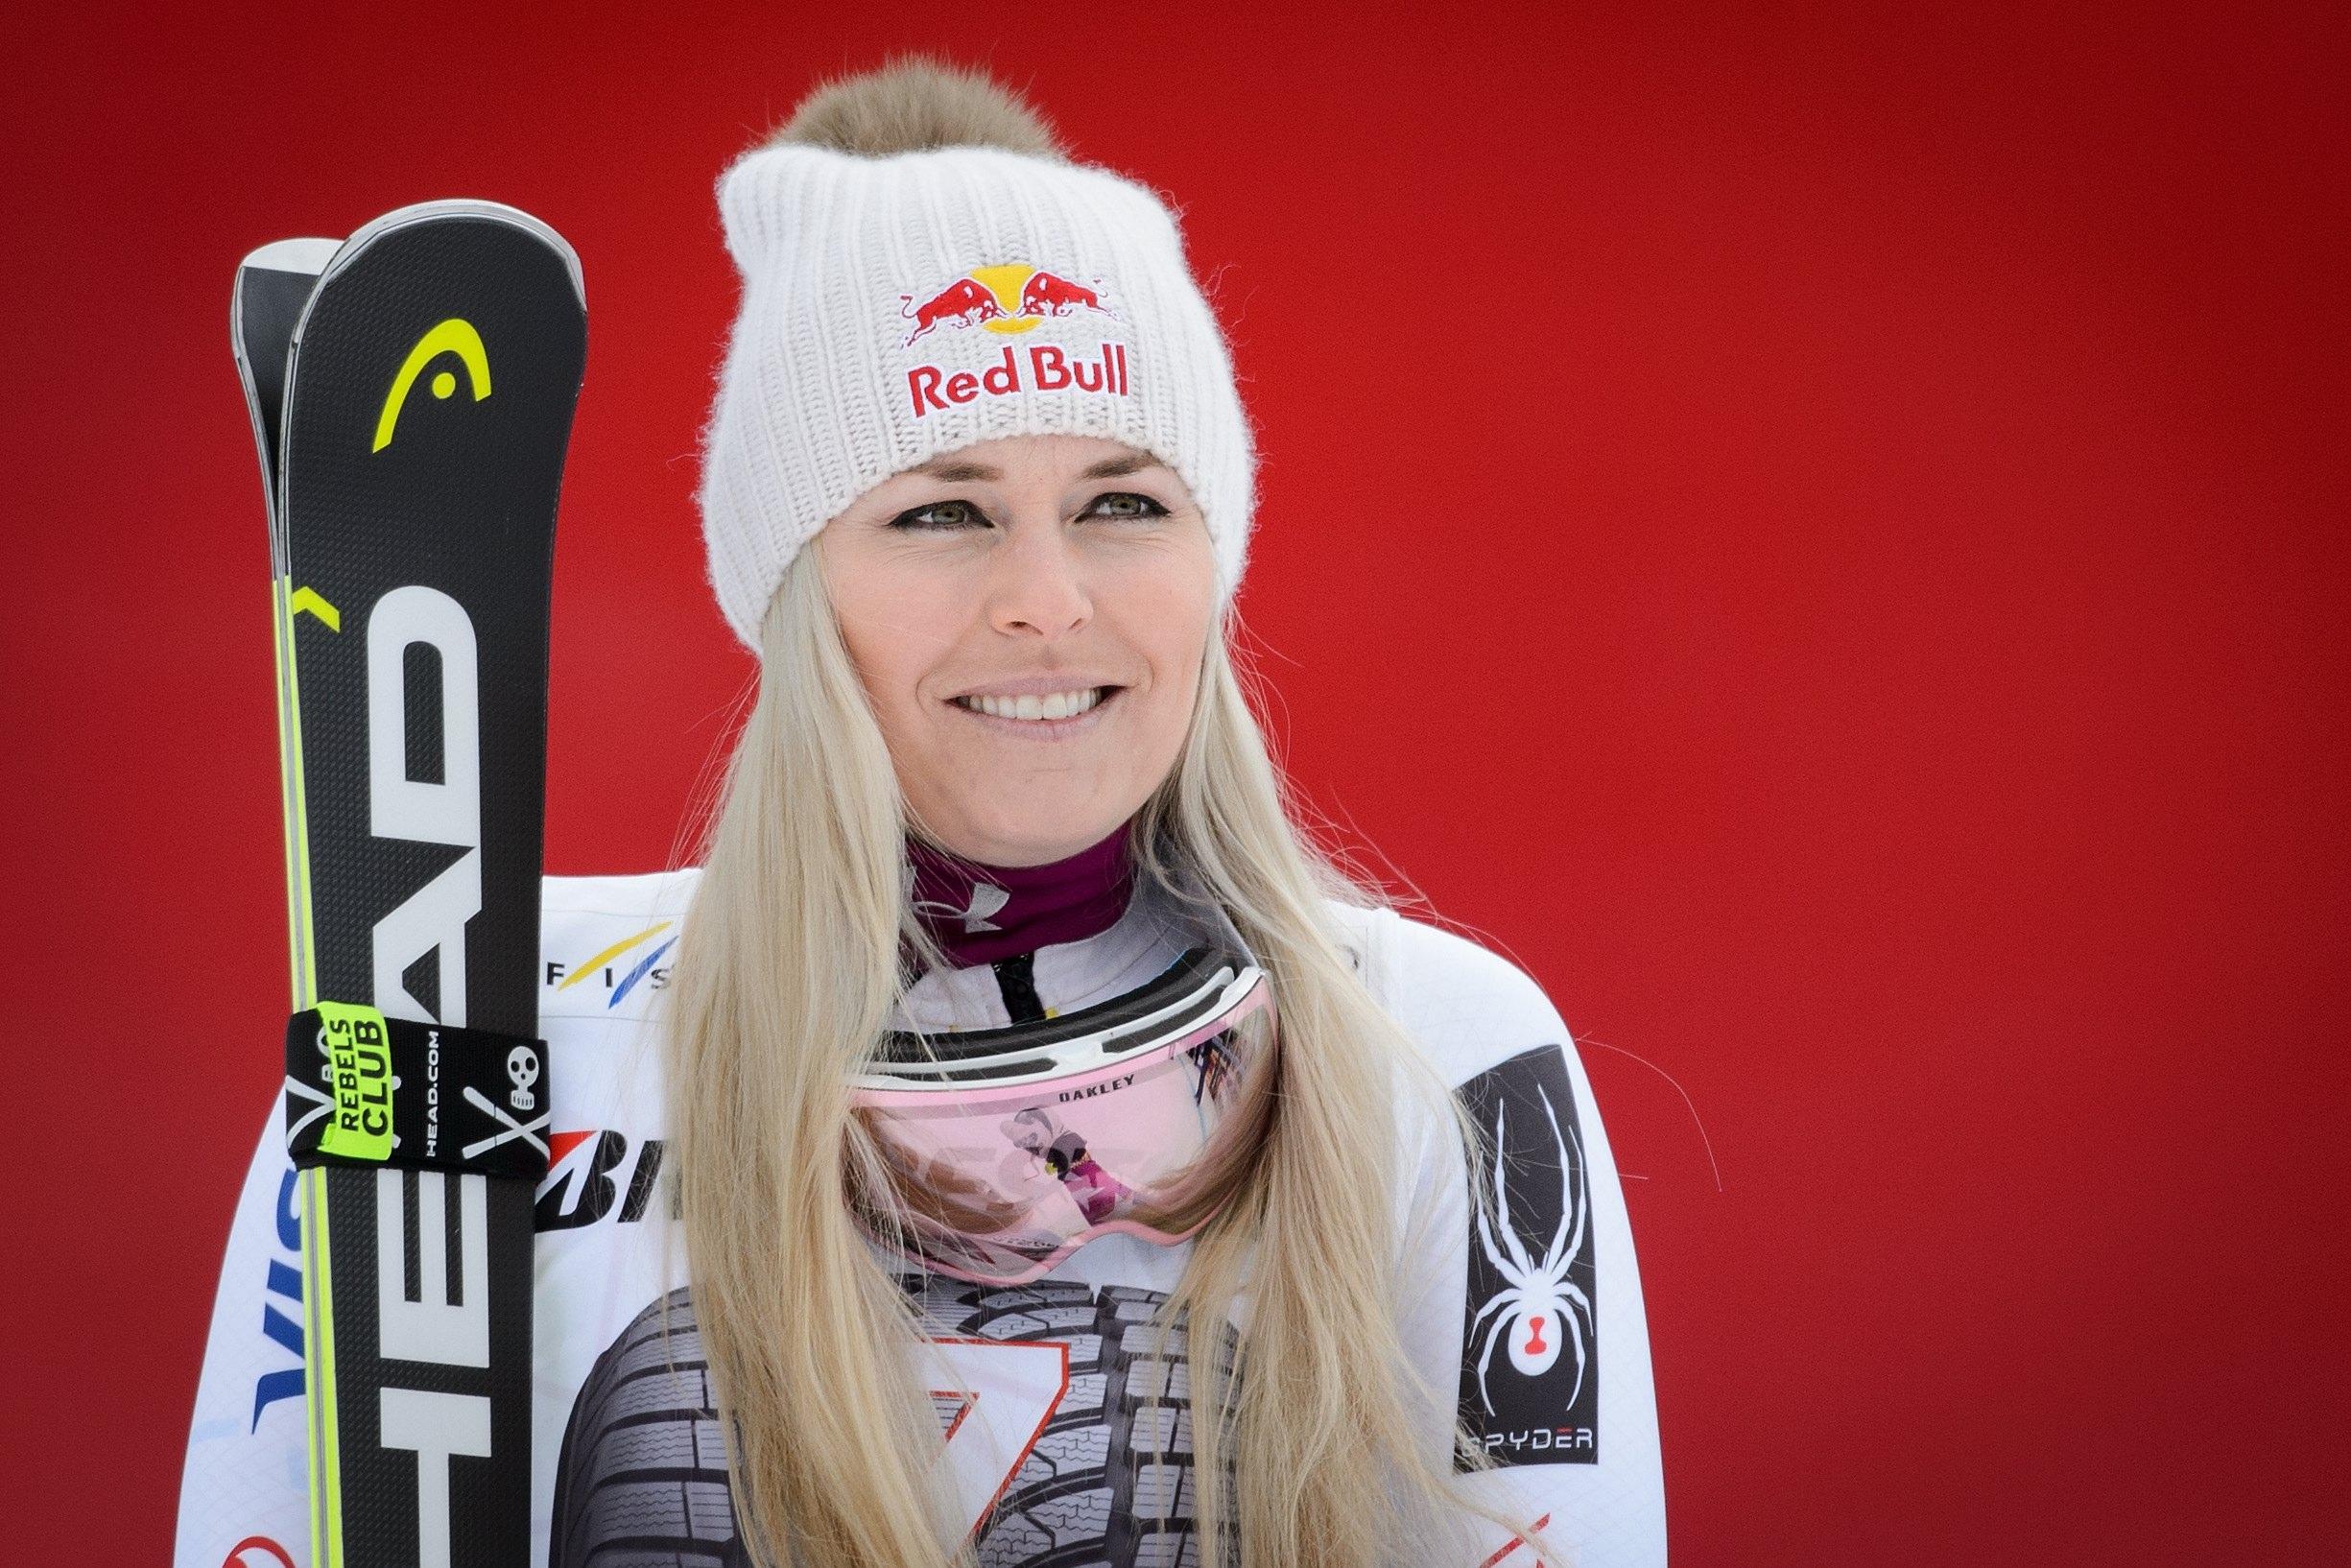 Vonn during the award ceremony atr the FIS Alpine Ski World Cup event in Garmisch-Partenkirchen